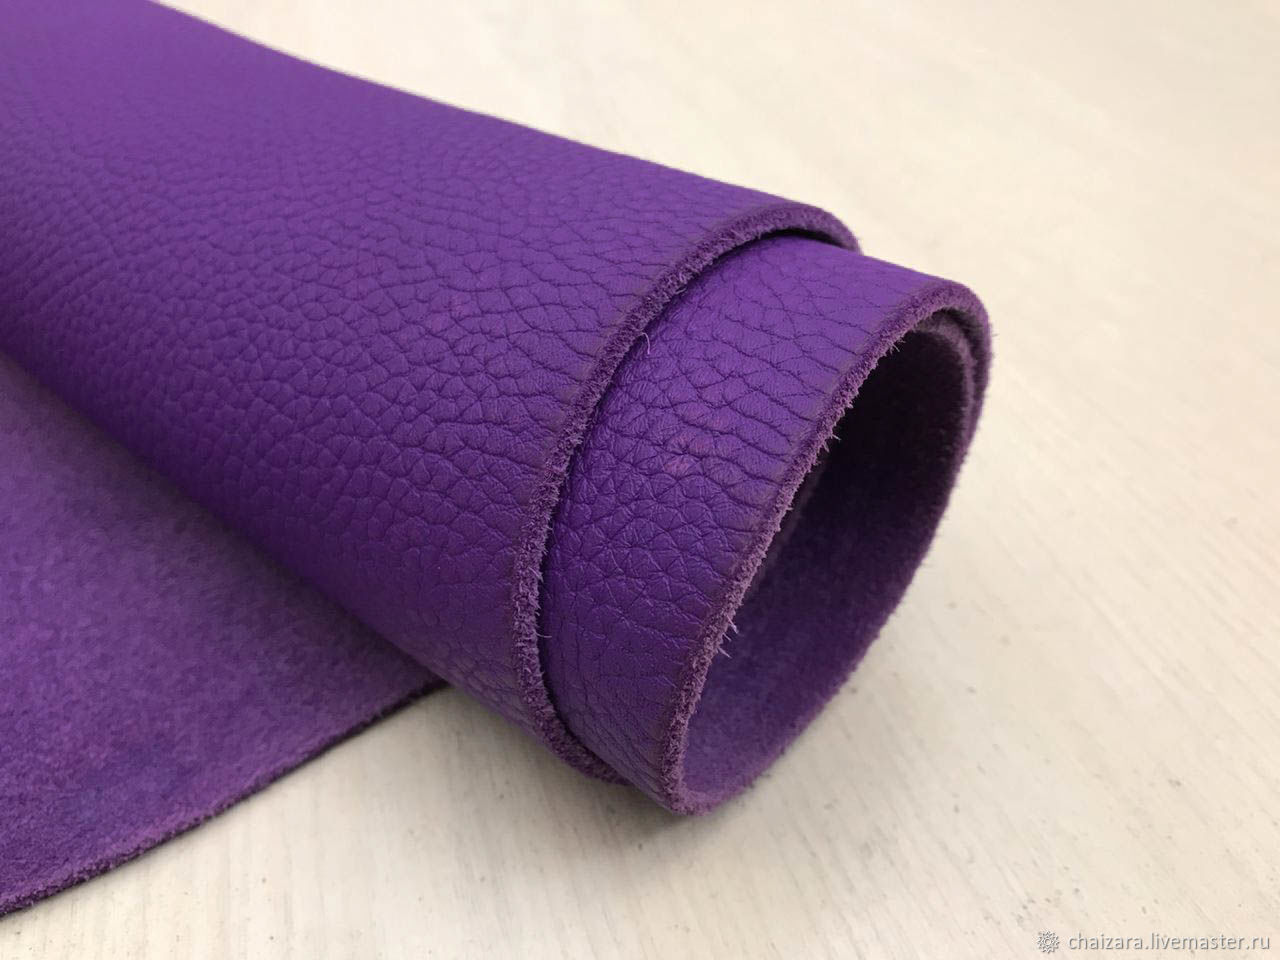 Натуральная кожа 2.0-2.2 мм Violet, Кожа, Оренбург,  Фото №1